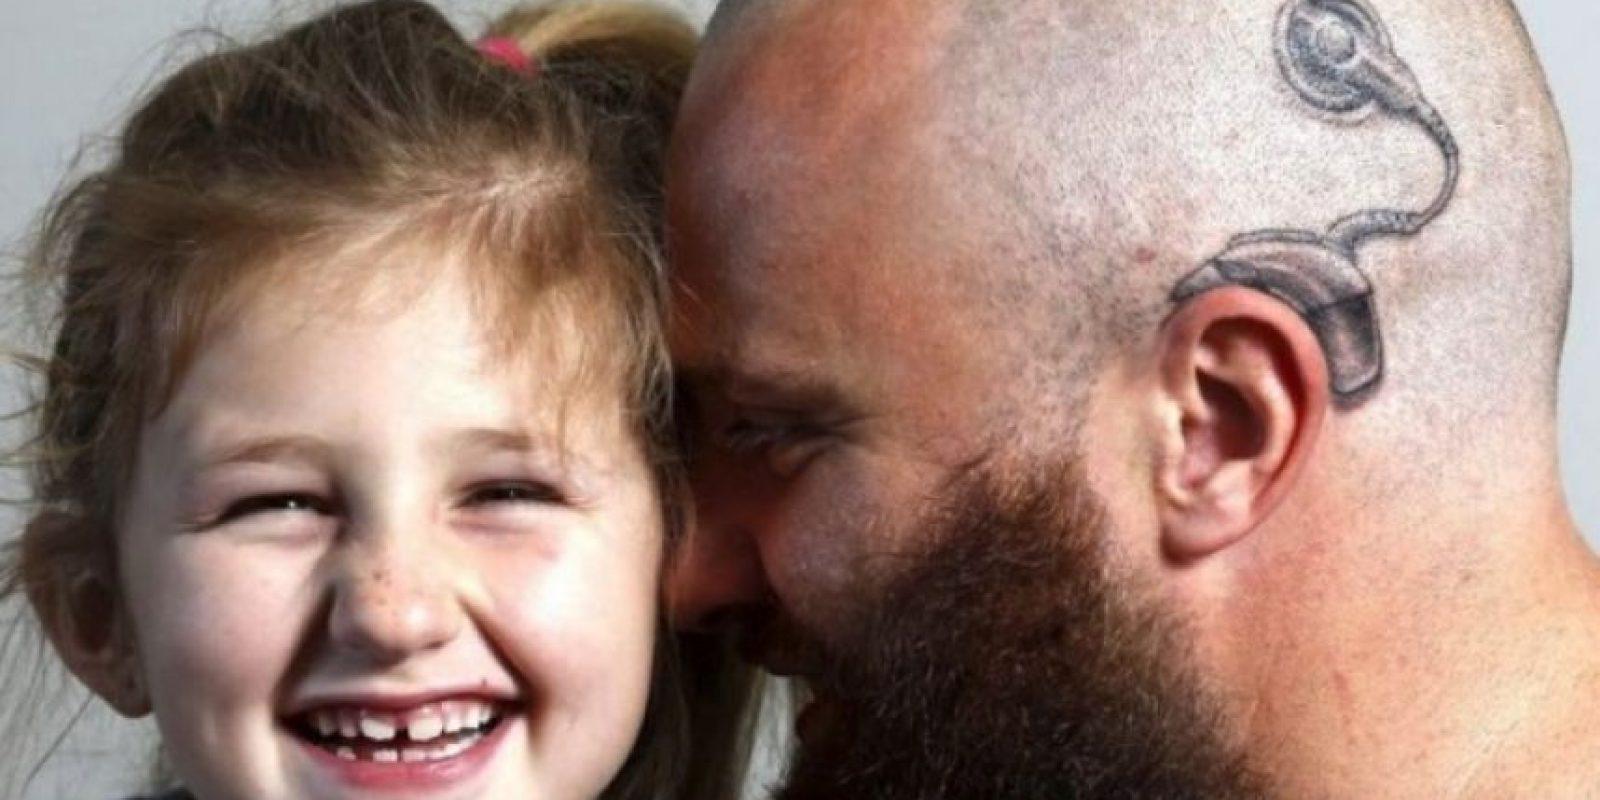 3. Padre se tatuó en la cabeza aparato auditivo para darle seguridad a su hija sorda Foto:Facebook.com/anitaalistair.campbell